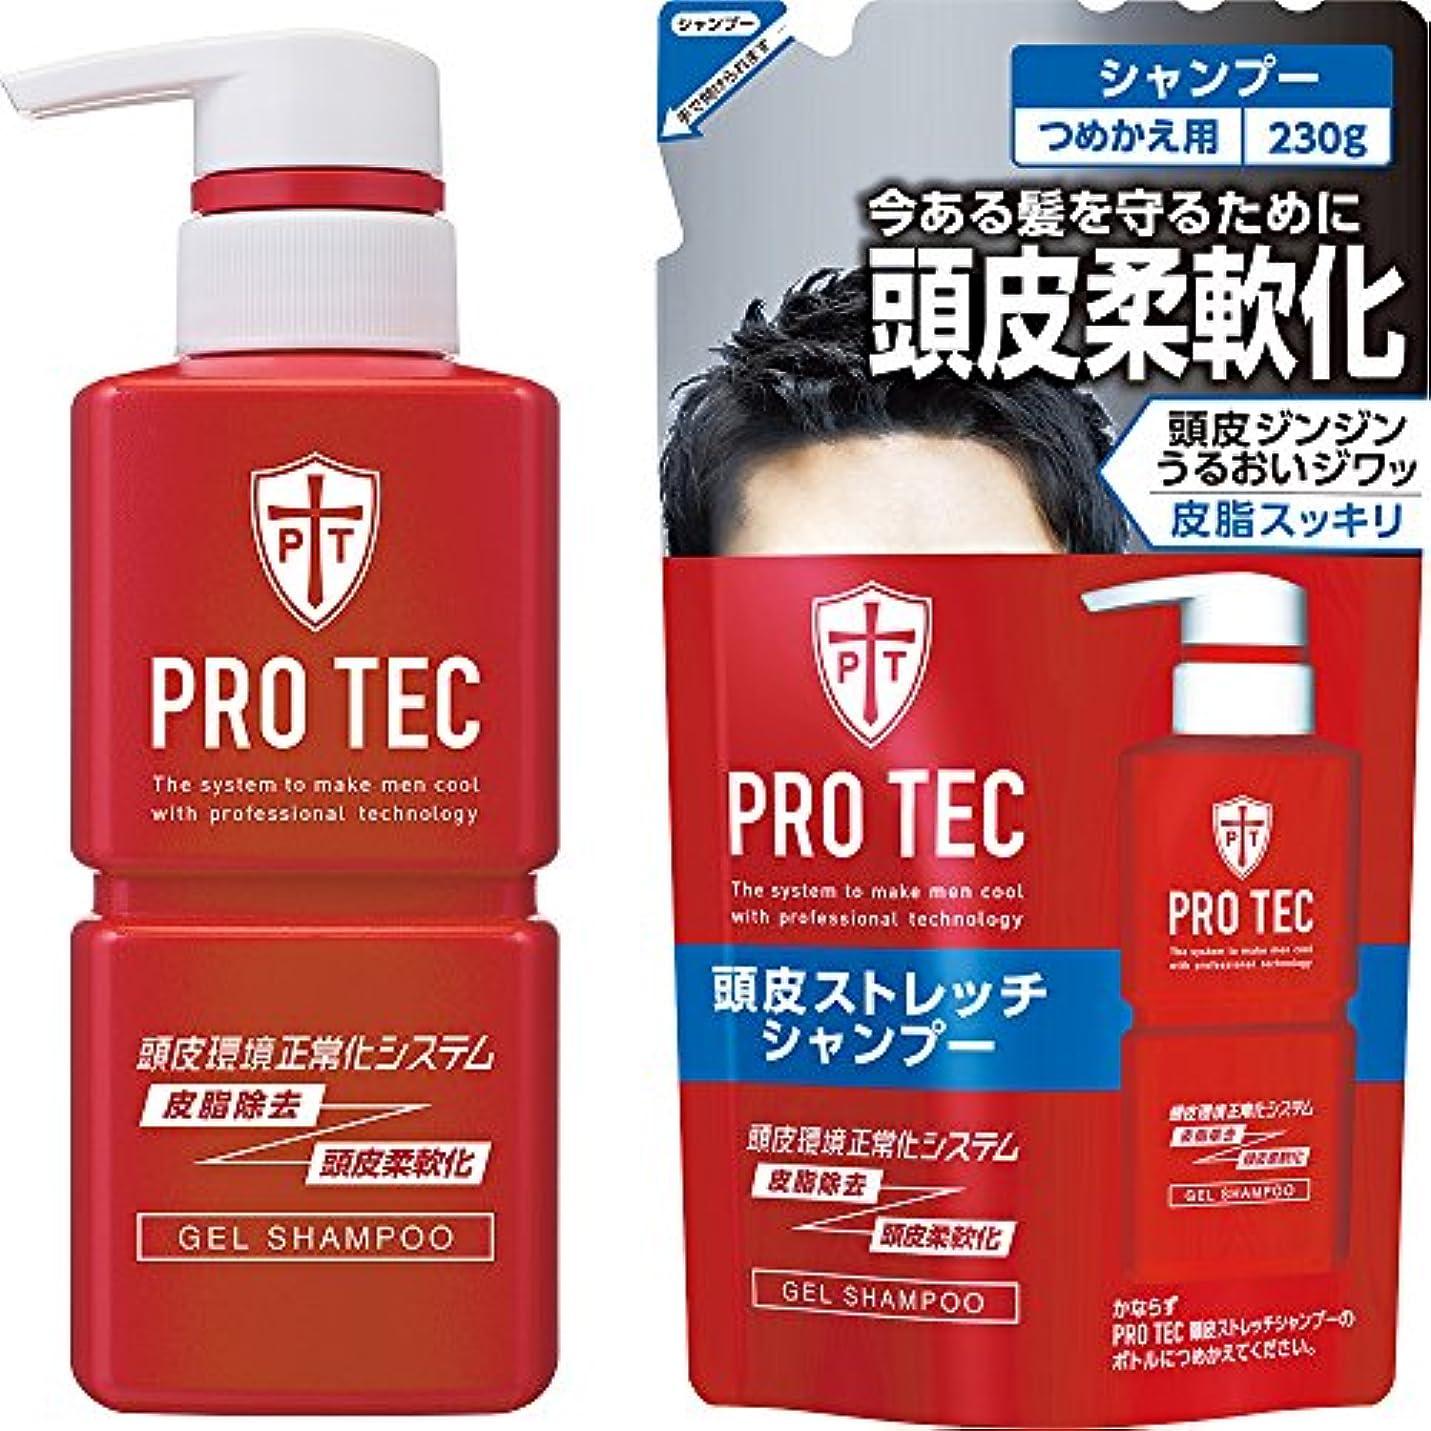 会話内向き鎮痛剤PRO TEC(プロテク) 頭皮ストレッチシャンプー 本体ポンプ300g+詰め替え230g セット(医薬部外品)